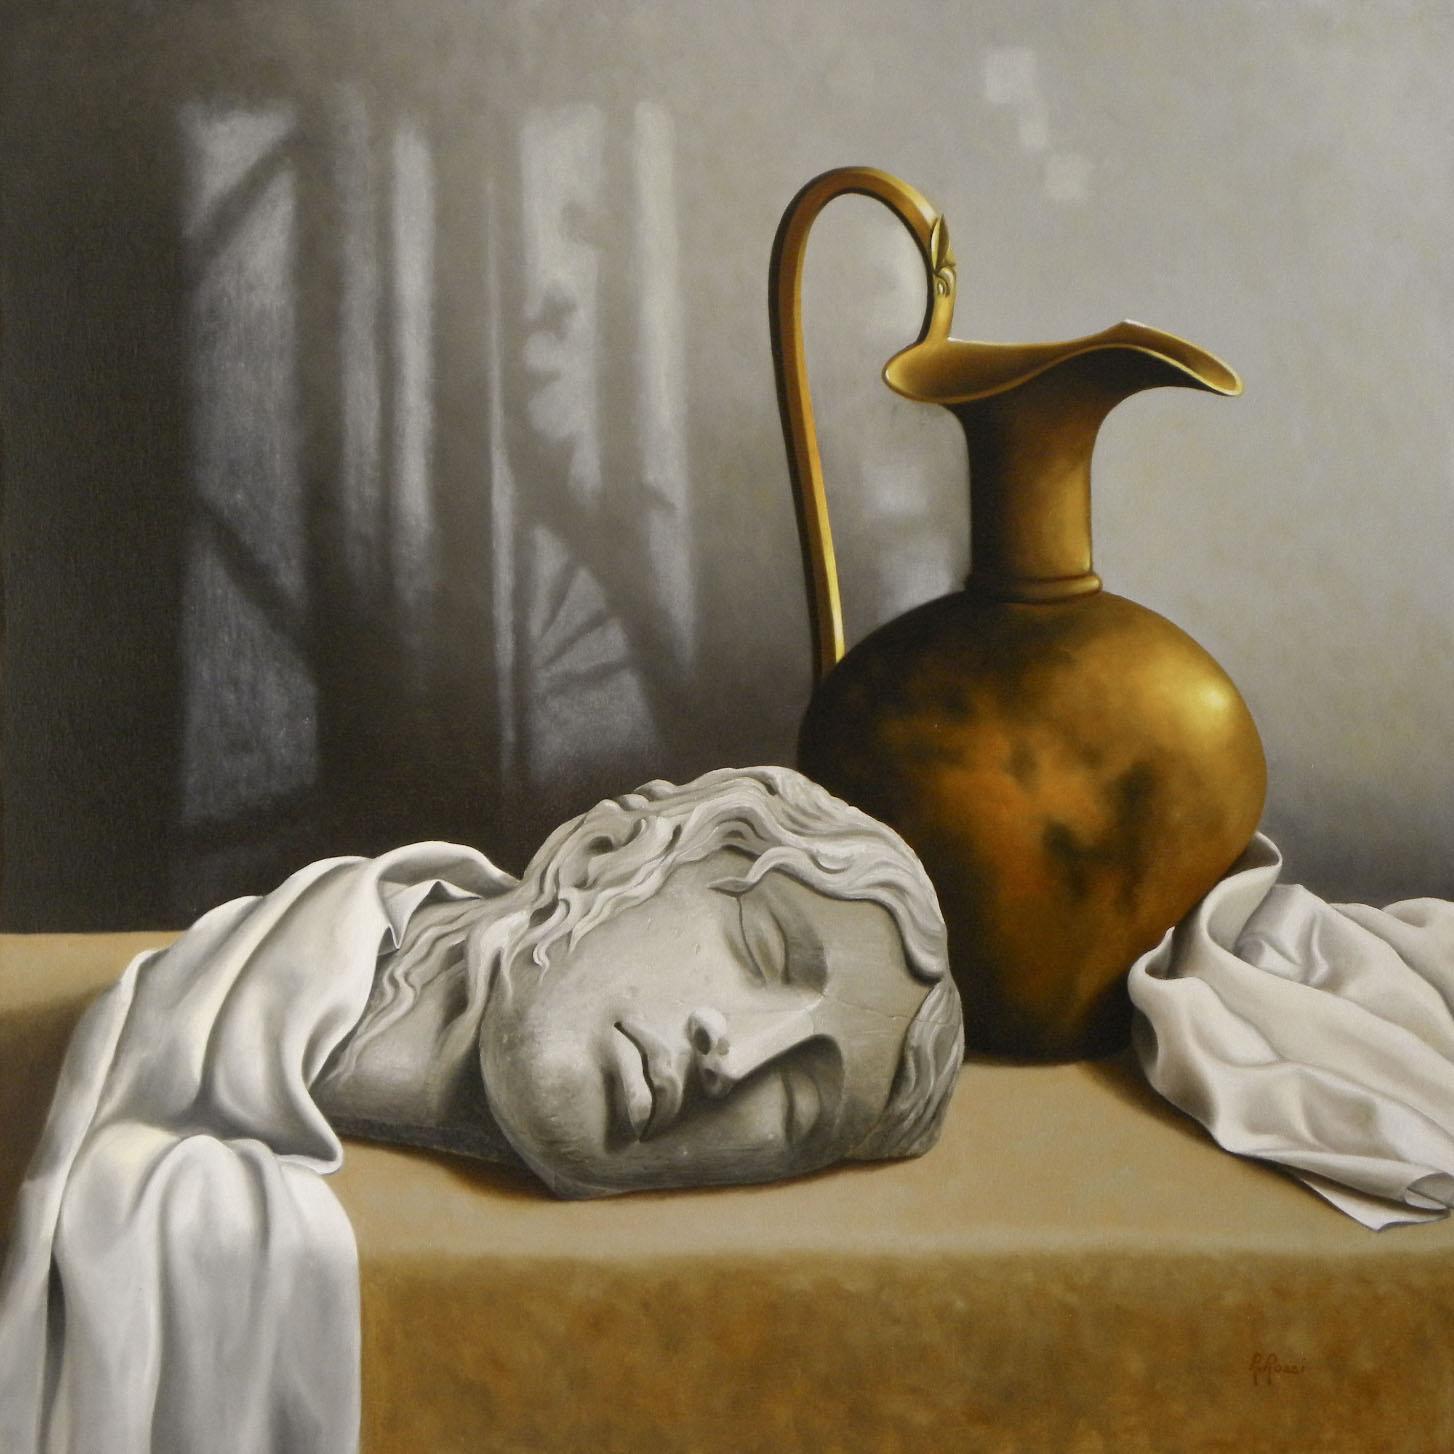 2010 roberta rossi - erinni dormiente - olio su tela - 60 x 60 -